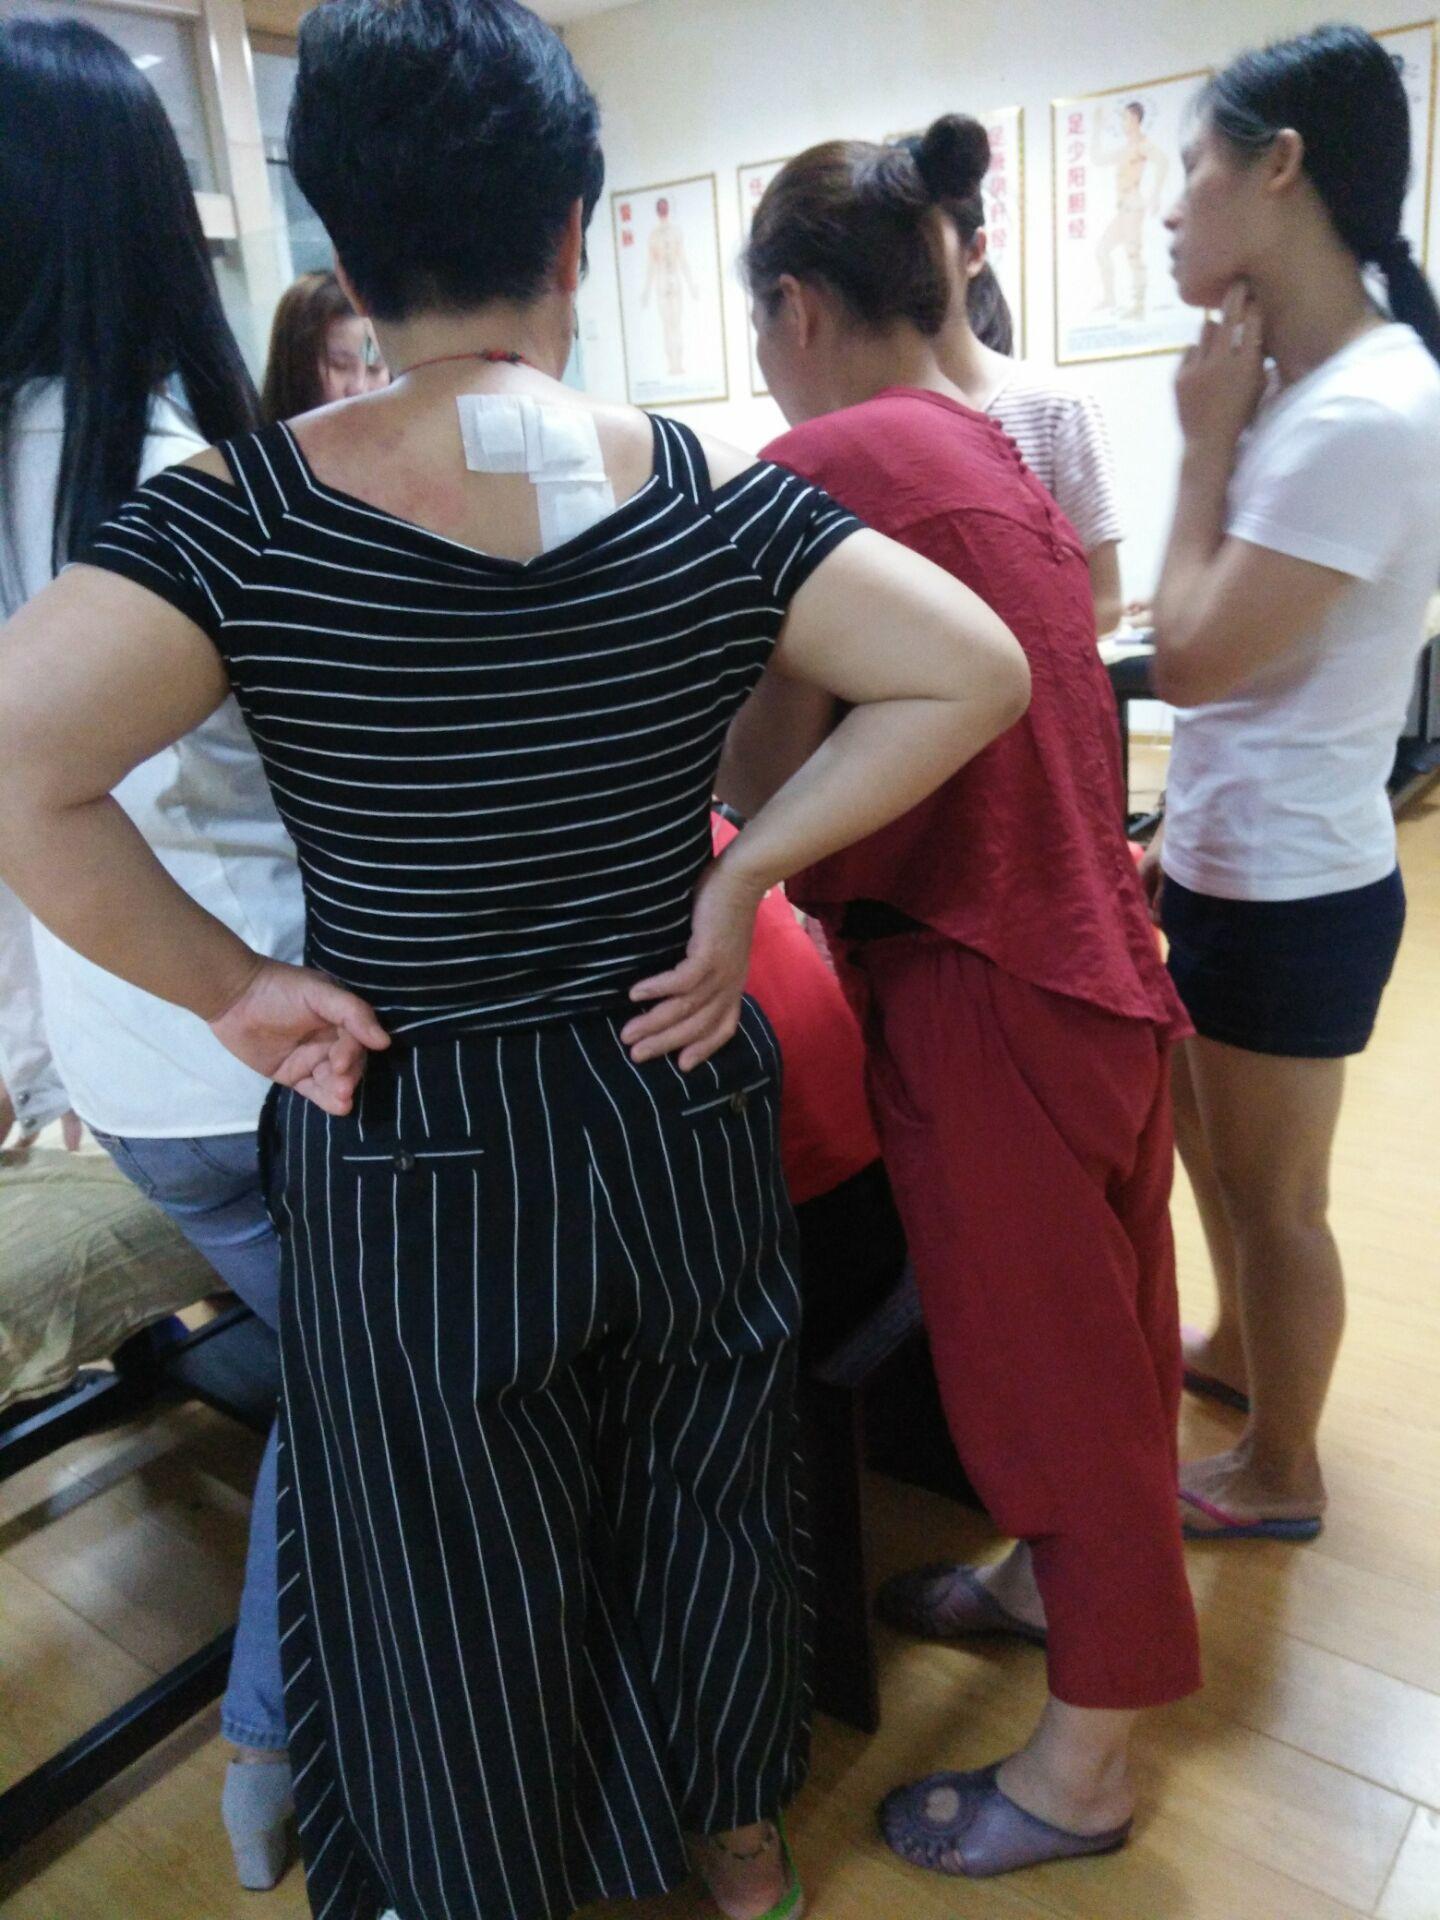 崇左哪里有中医针灸推拿培训崇左现场针灸推拿拔罐刮痧培训班